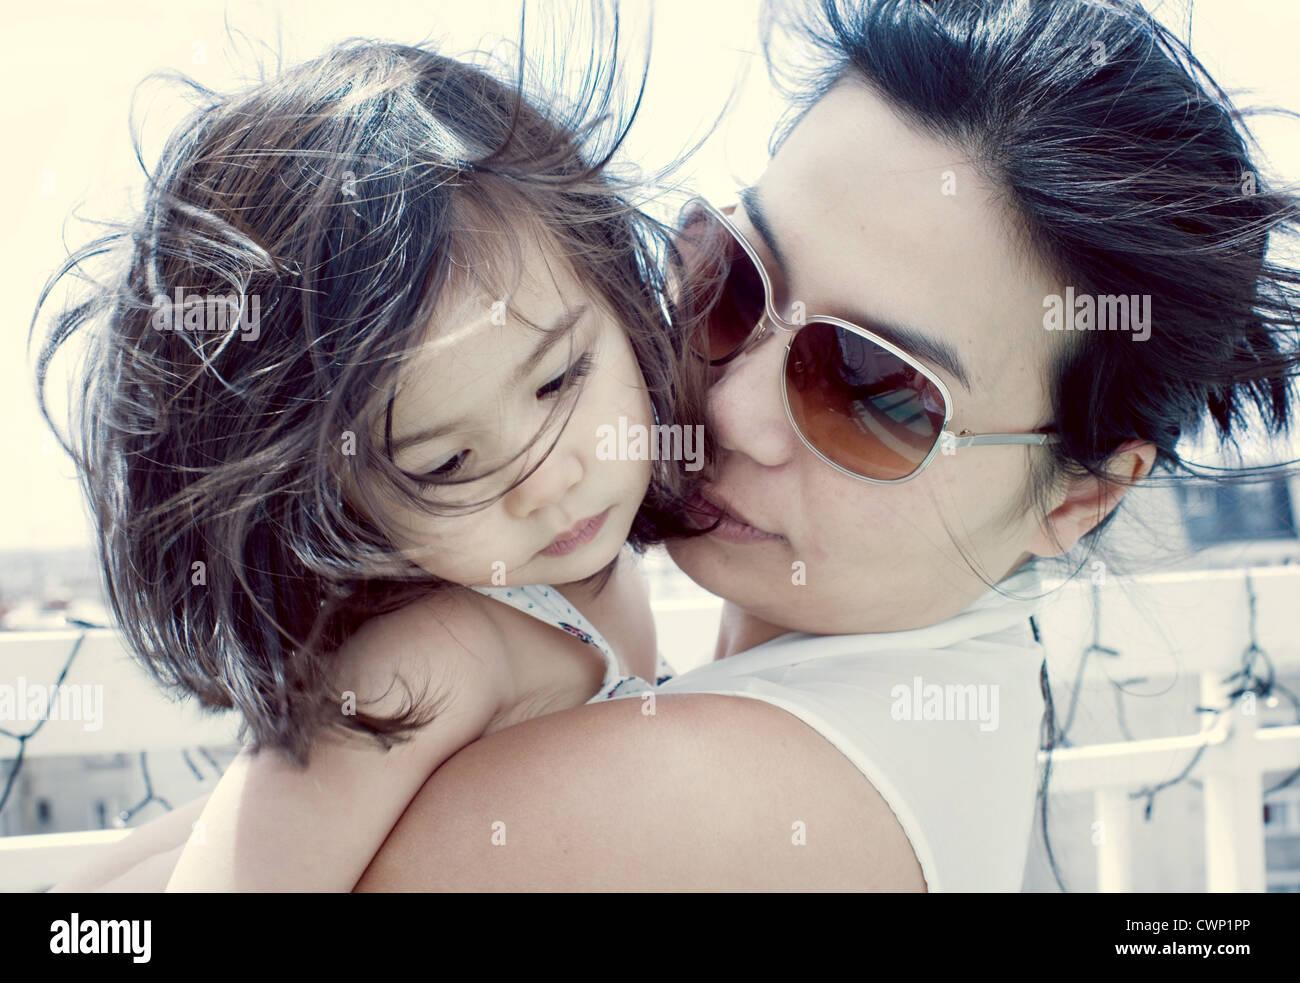 Mère réconfortant petite fille à l'extérieur Photo Stock